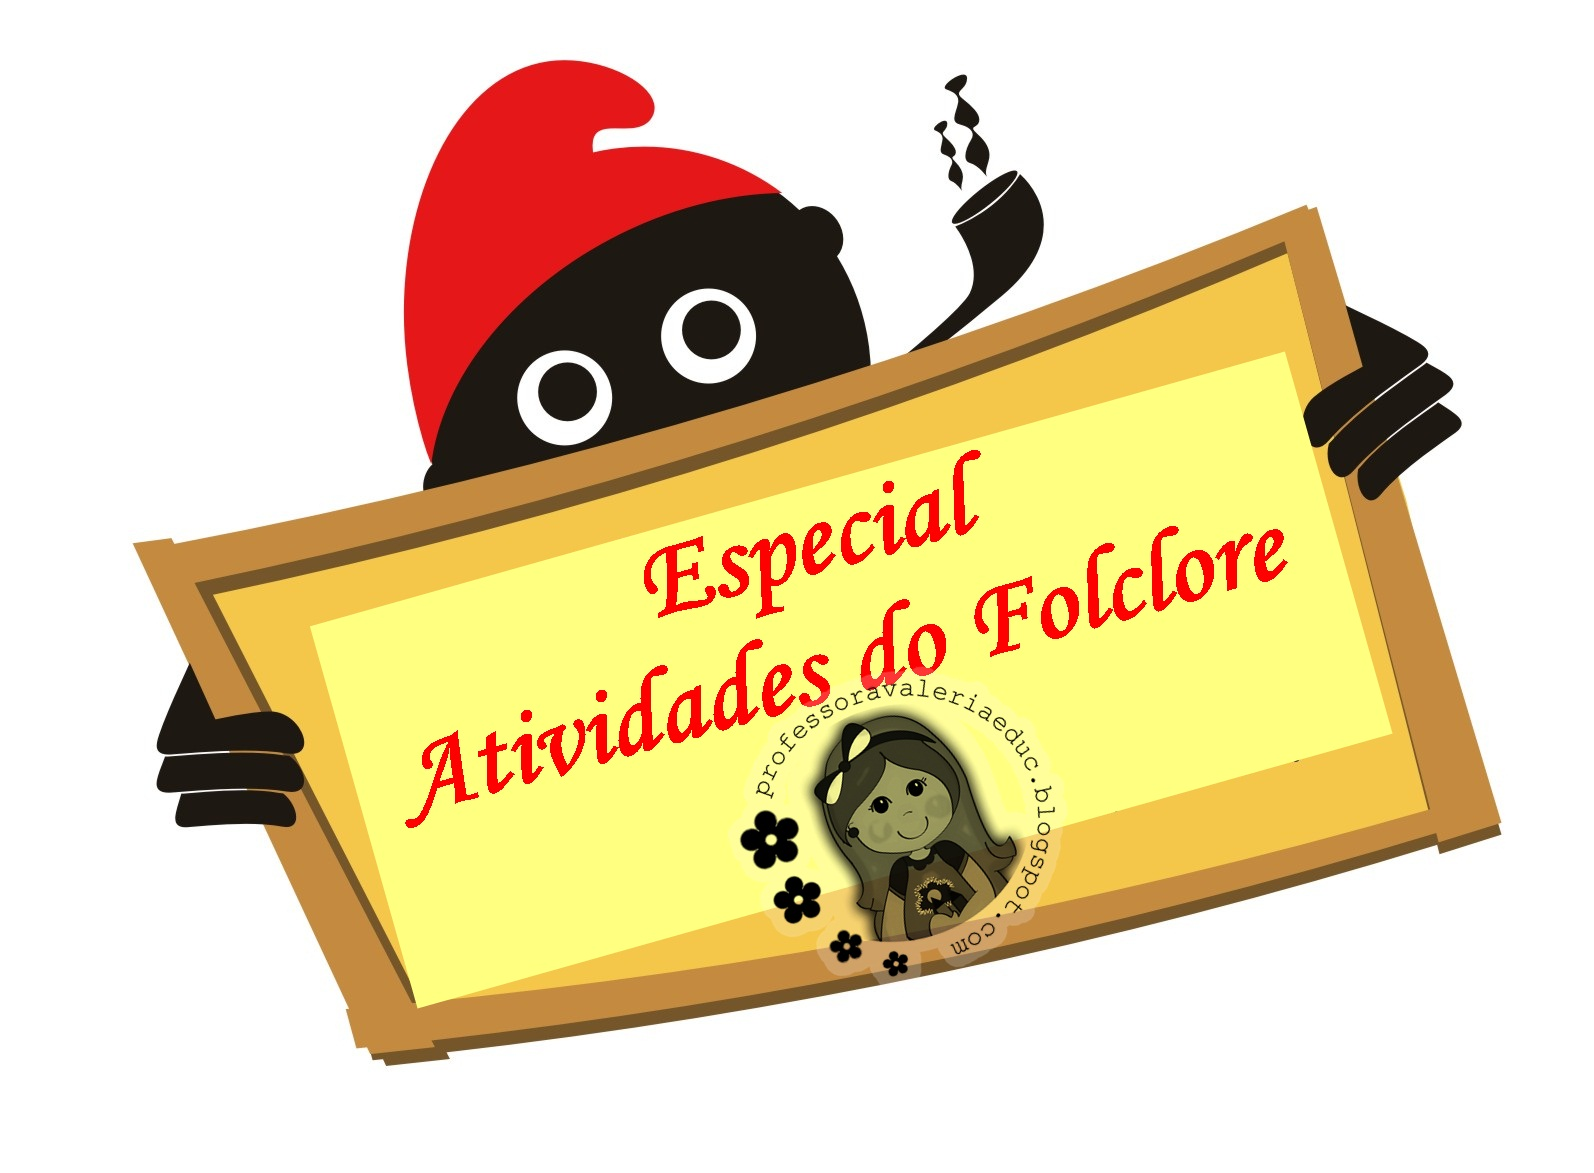 Sugestões para o Folclore